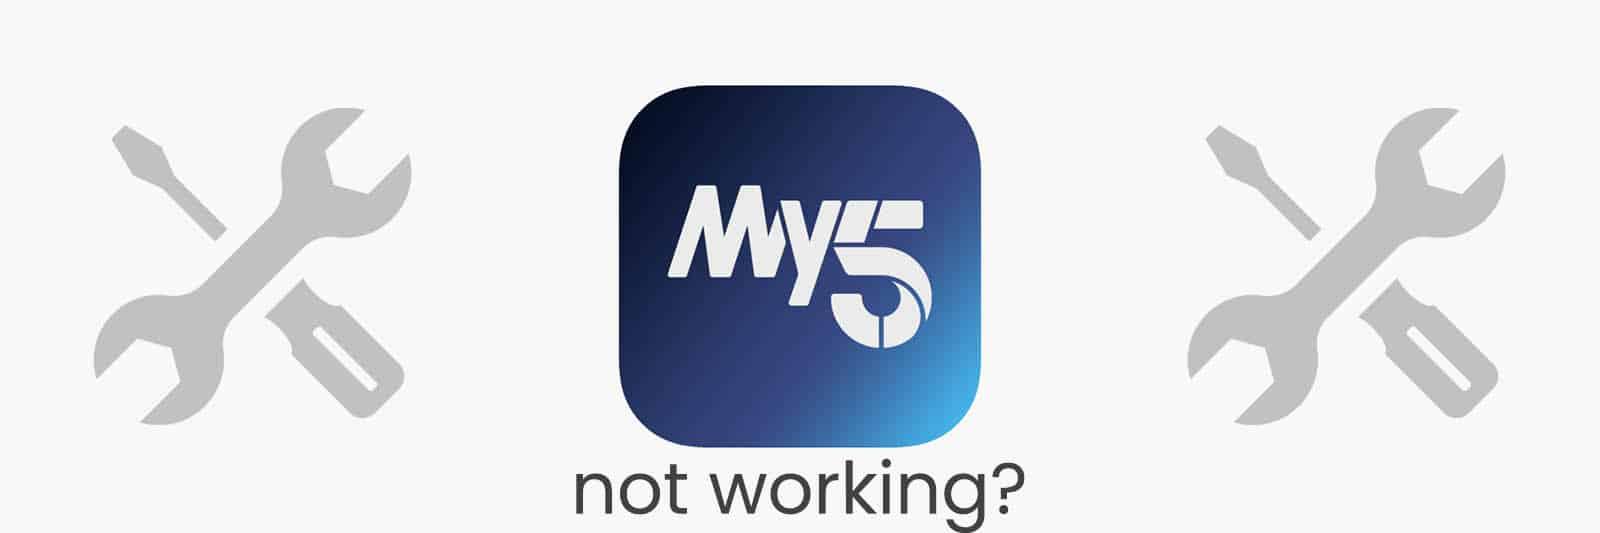 my-5-app-not-working